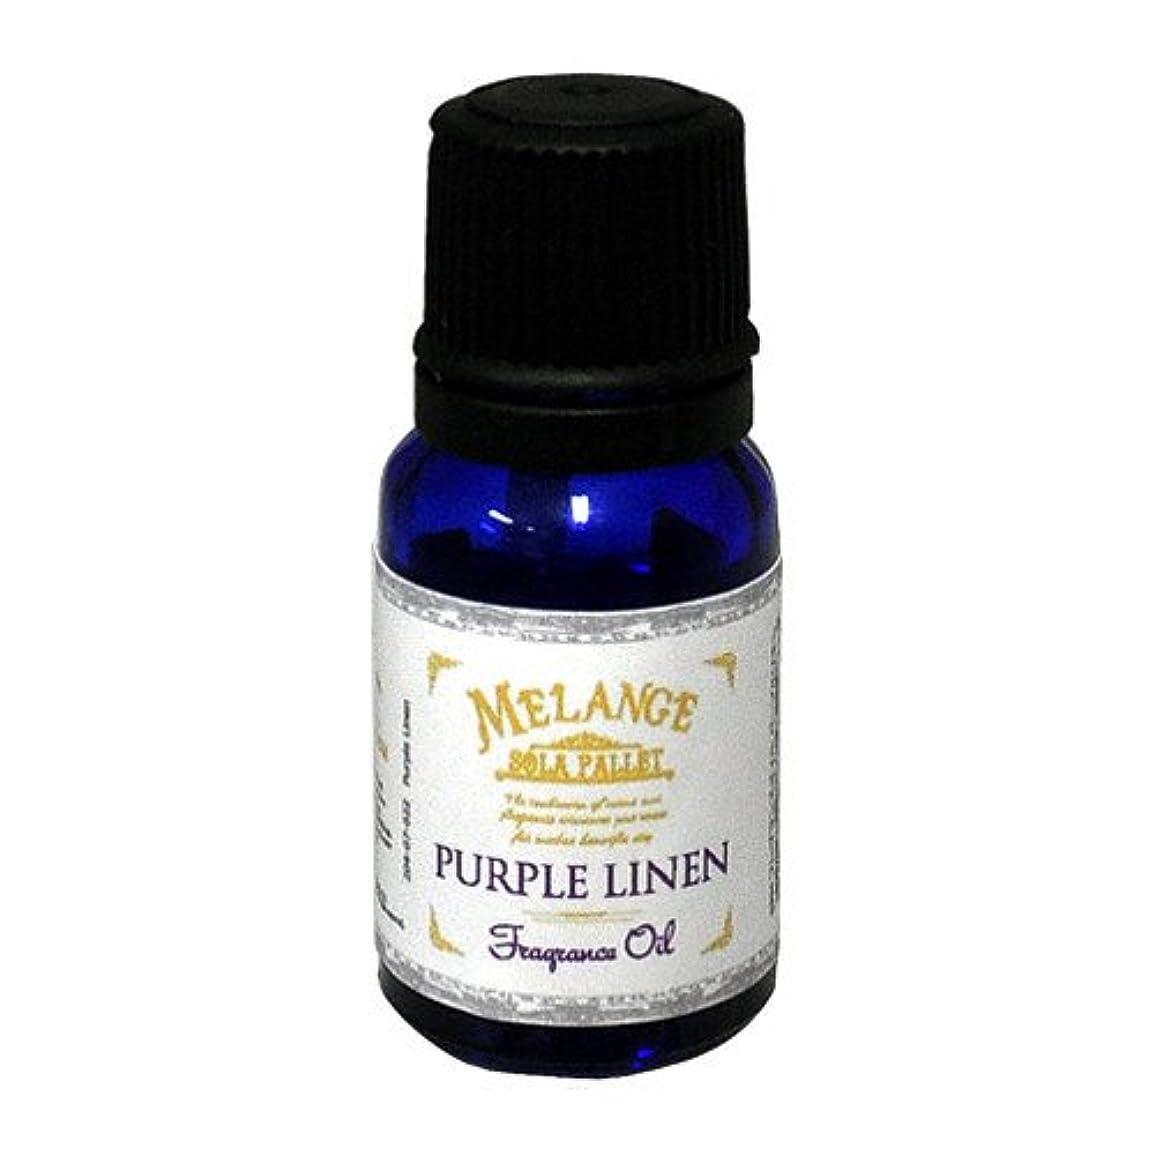 メンター市町村放射能SOLA PALLET MELANGE Fragrance Oil フレグランスオイル Purple Linen パープルリネン